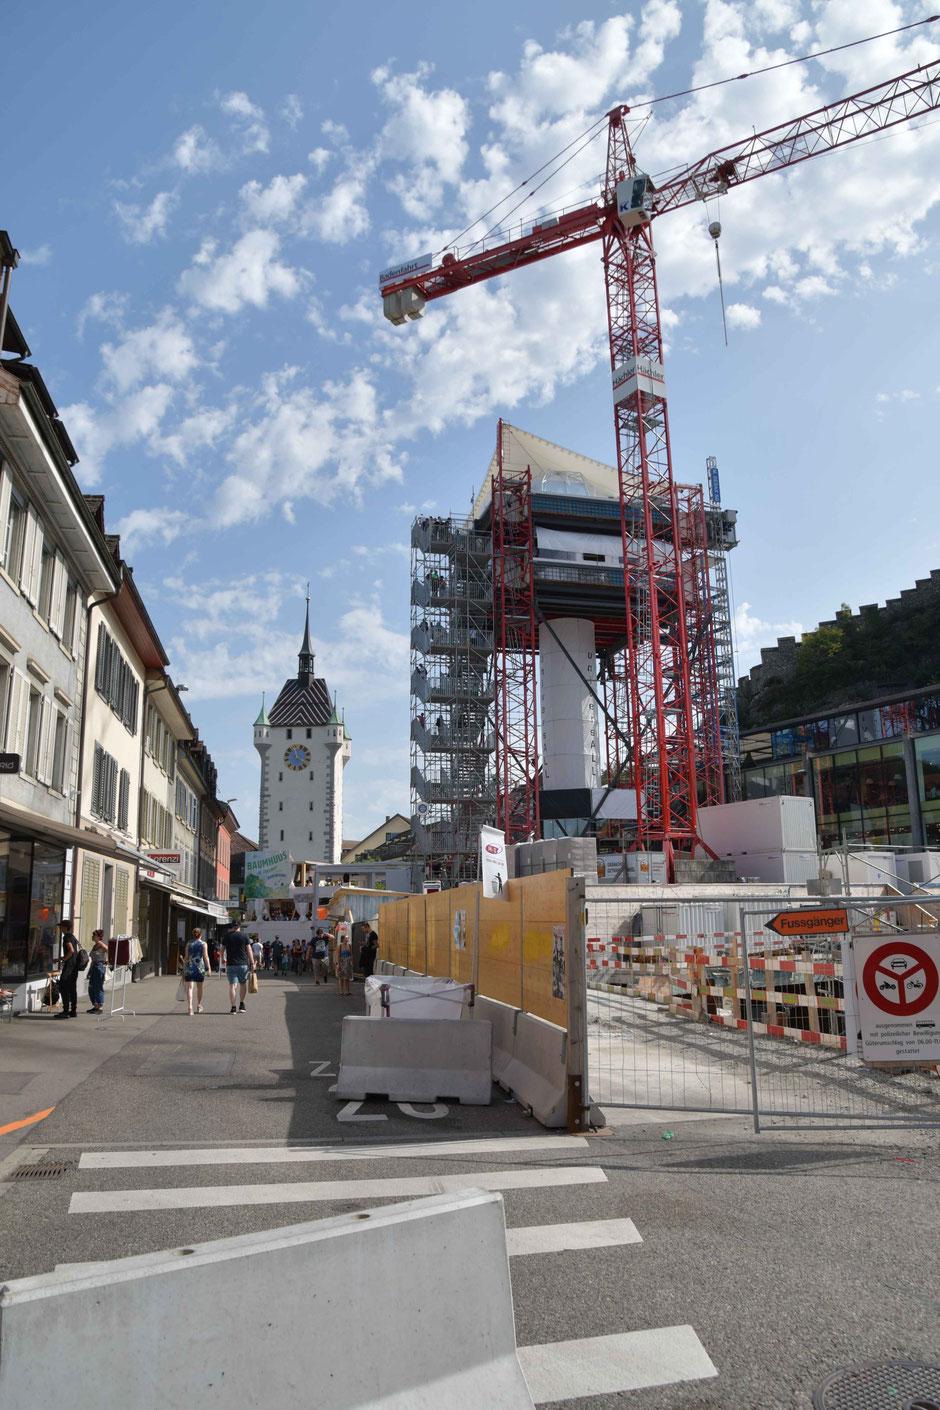 Samstag der 26. August in Baden